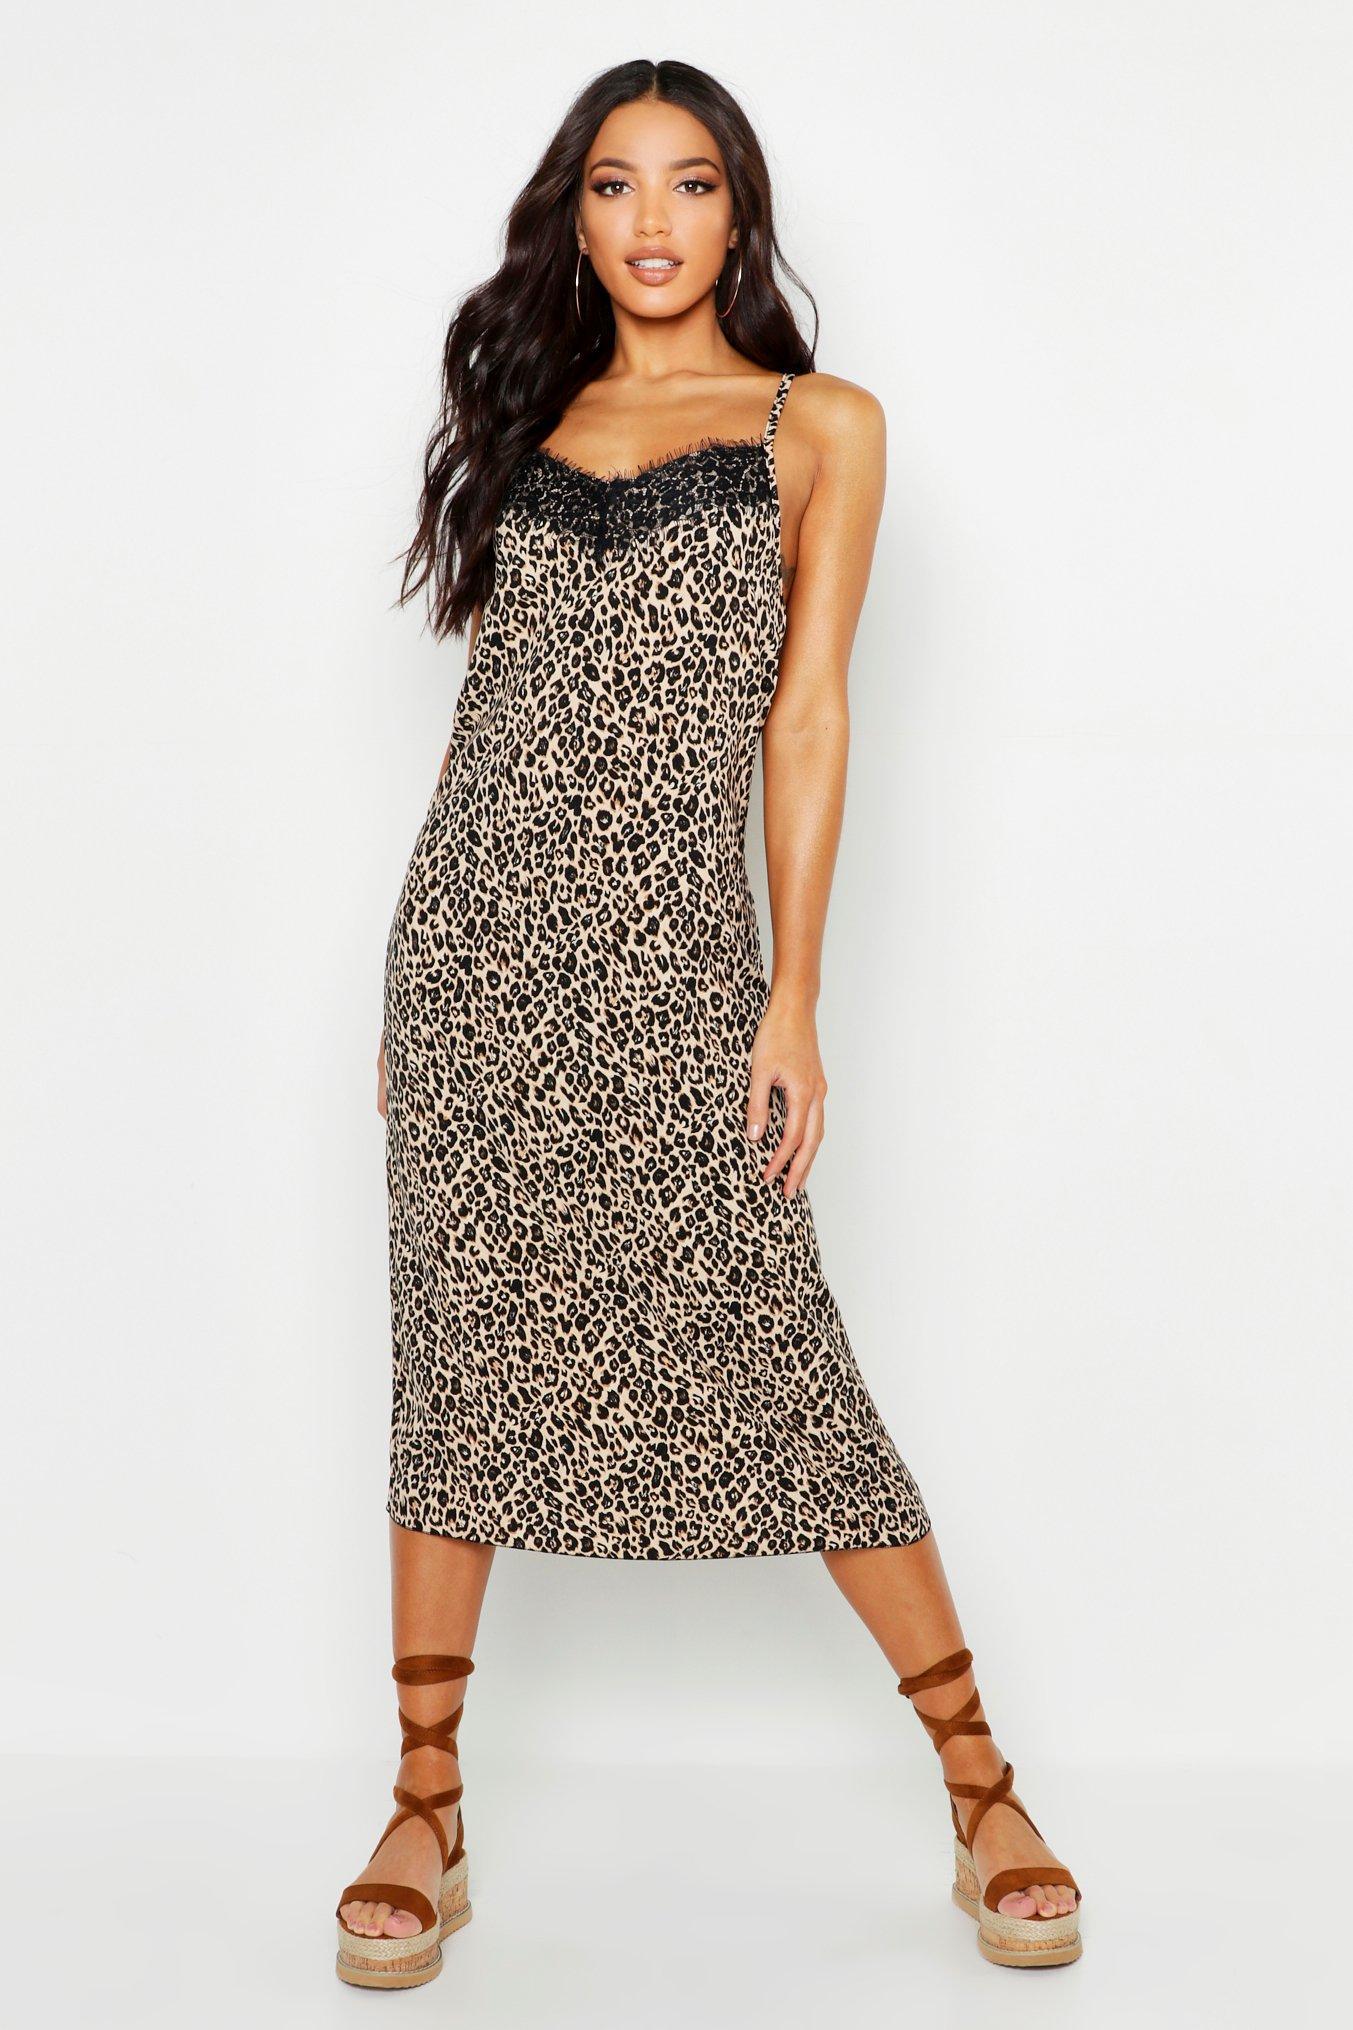 Woven Lace Leopard Slip Dress